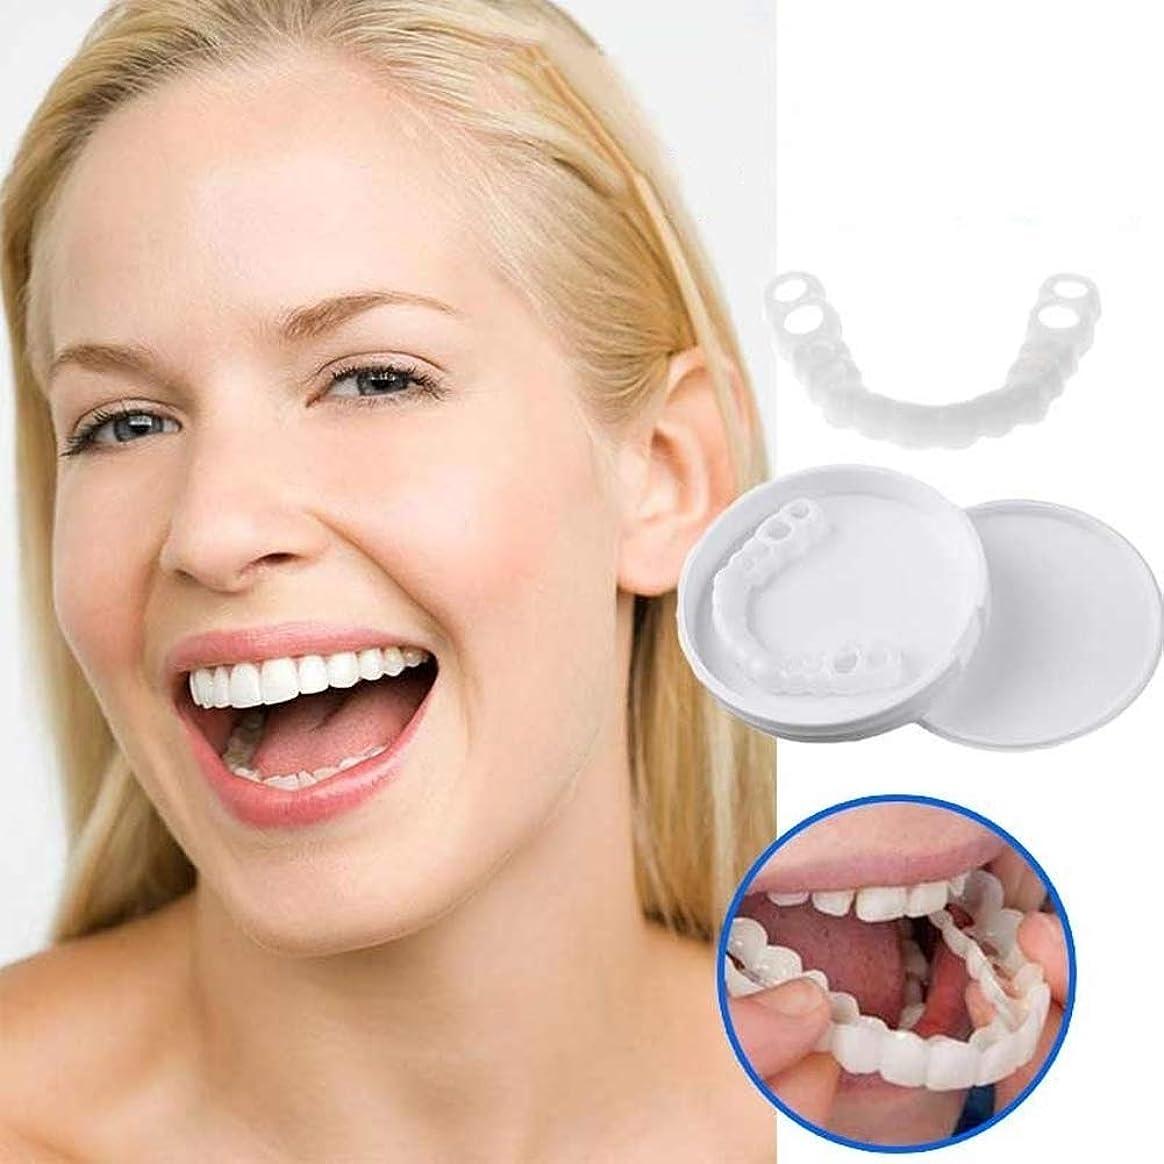 残基スパイ添加剤ベニアの歯の1ペア、化粧品の歯 - 一時的な笑顔と快適なフィット柔らかい化粧品の歯、すべてが最もフィットし、快適な上下のベニヤ - 歯のベニア(下+上)